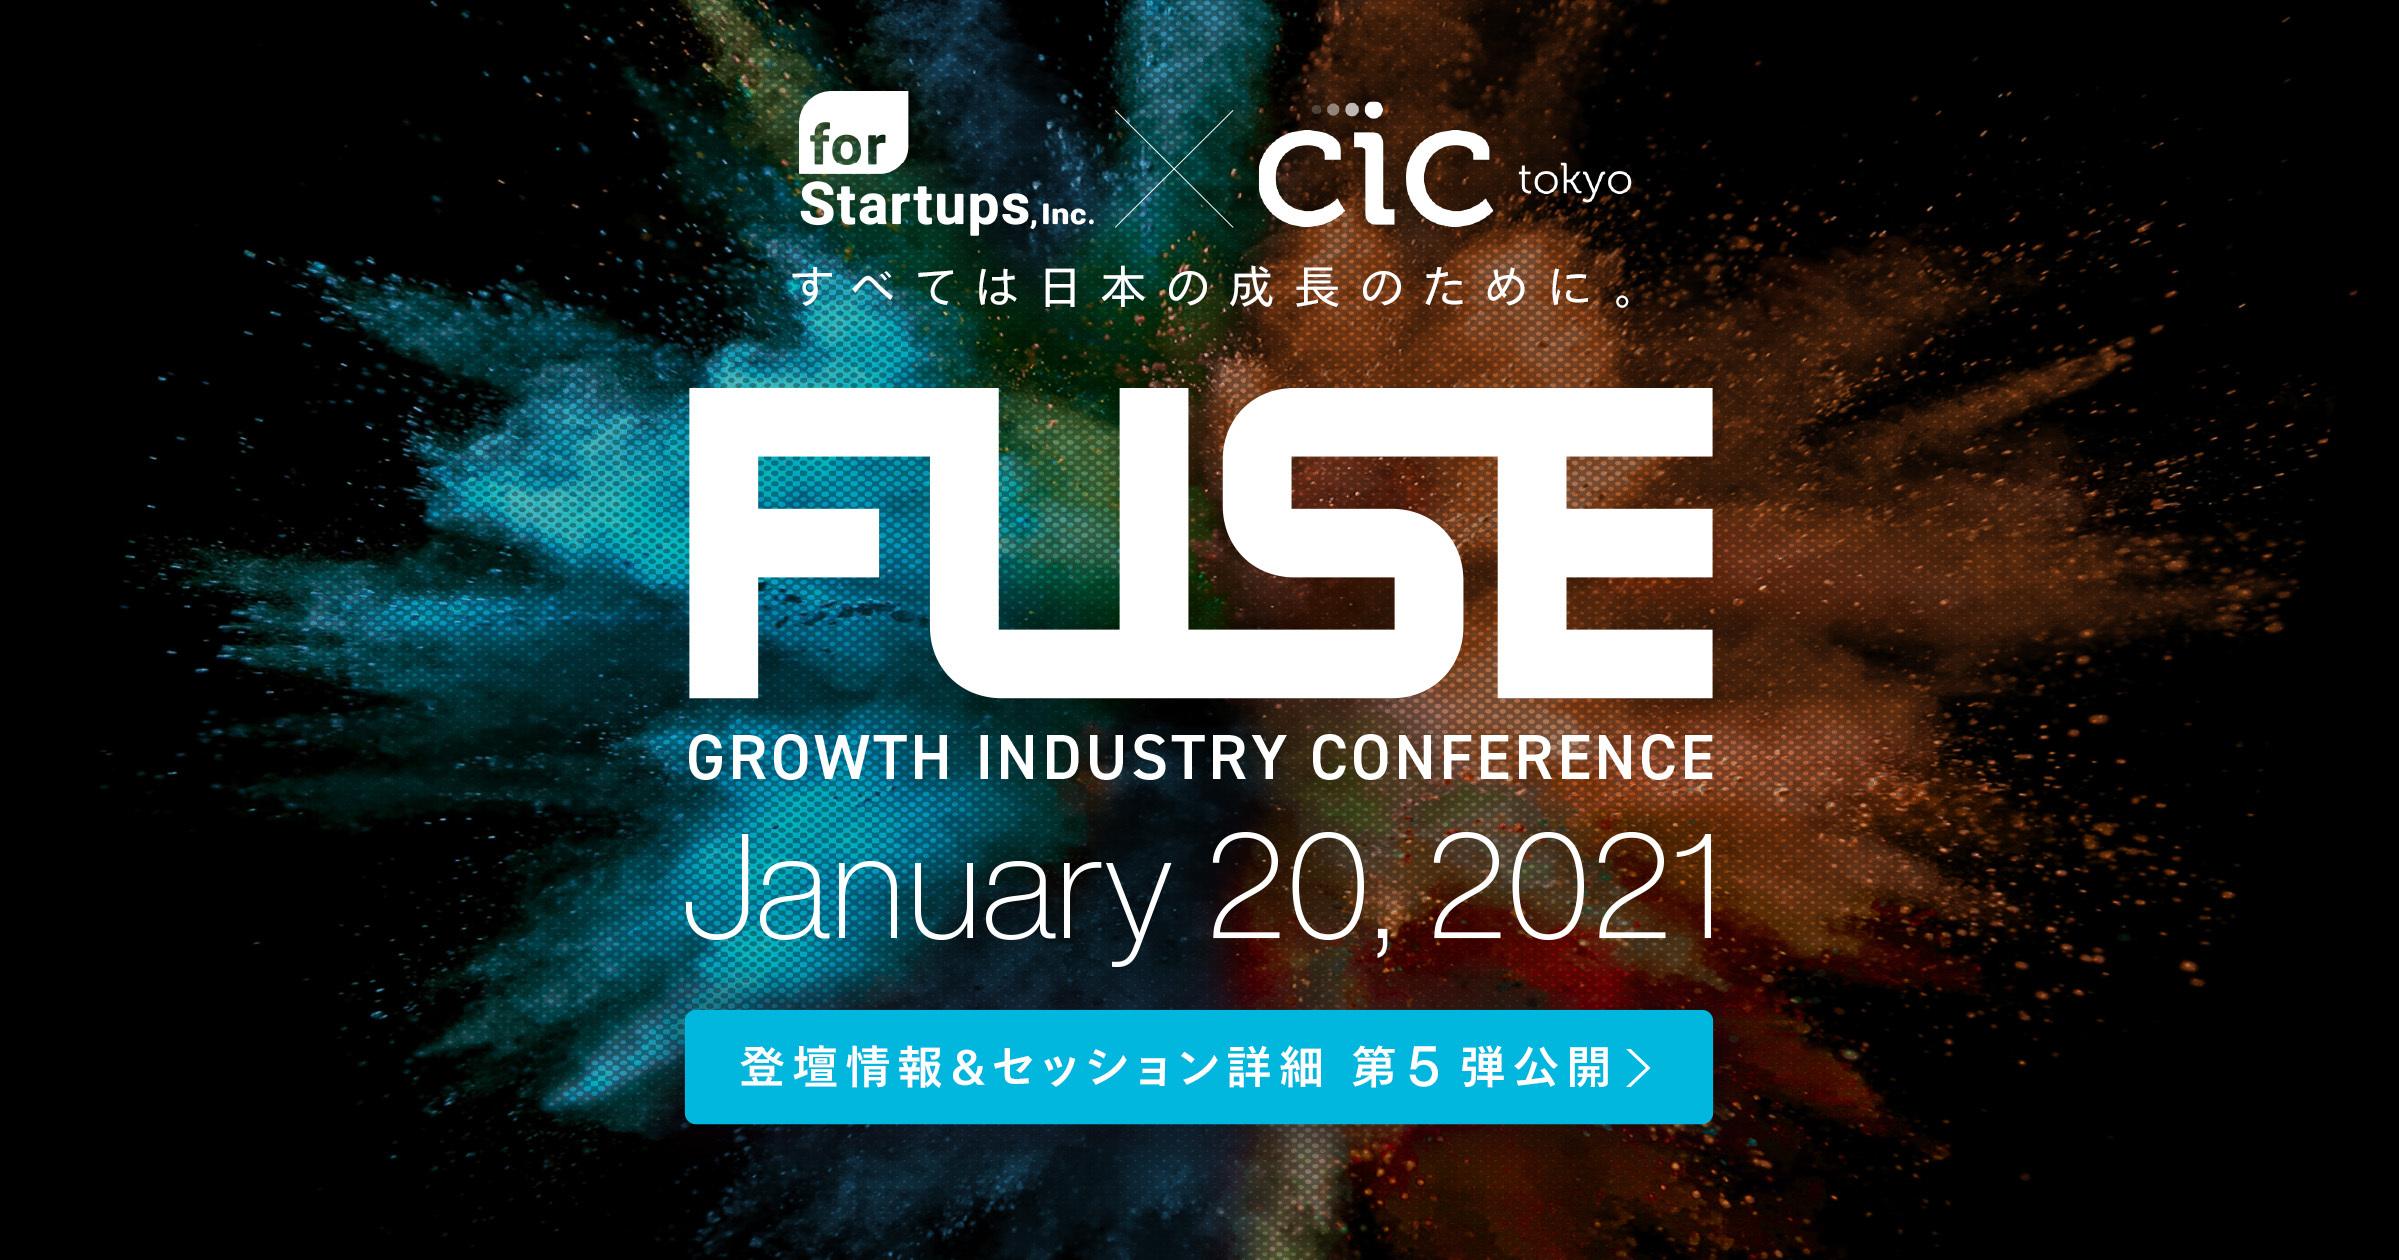 成長産業カンファレンス『FUSE』 登壇企業第5弾を発表メディアパートナーに Forbes JAPAN が追加。登録者数は1,000人を突破!